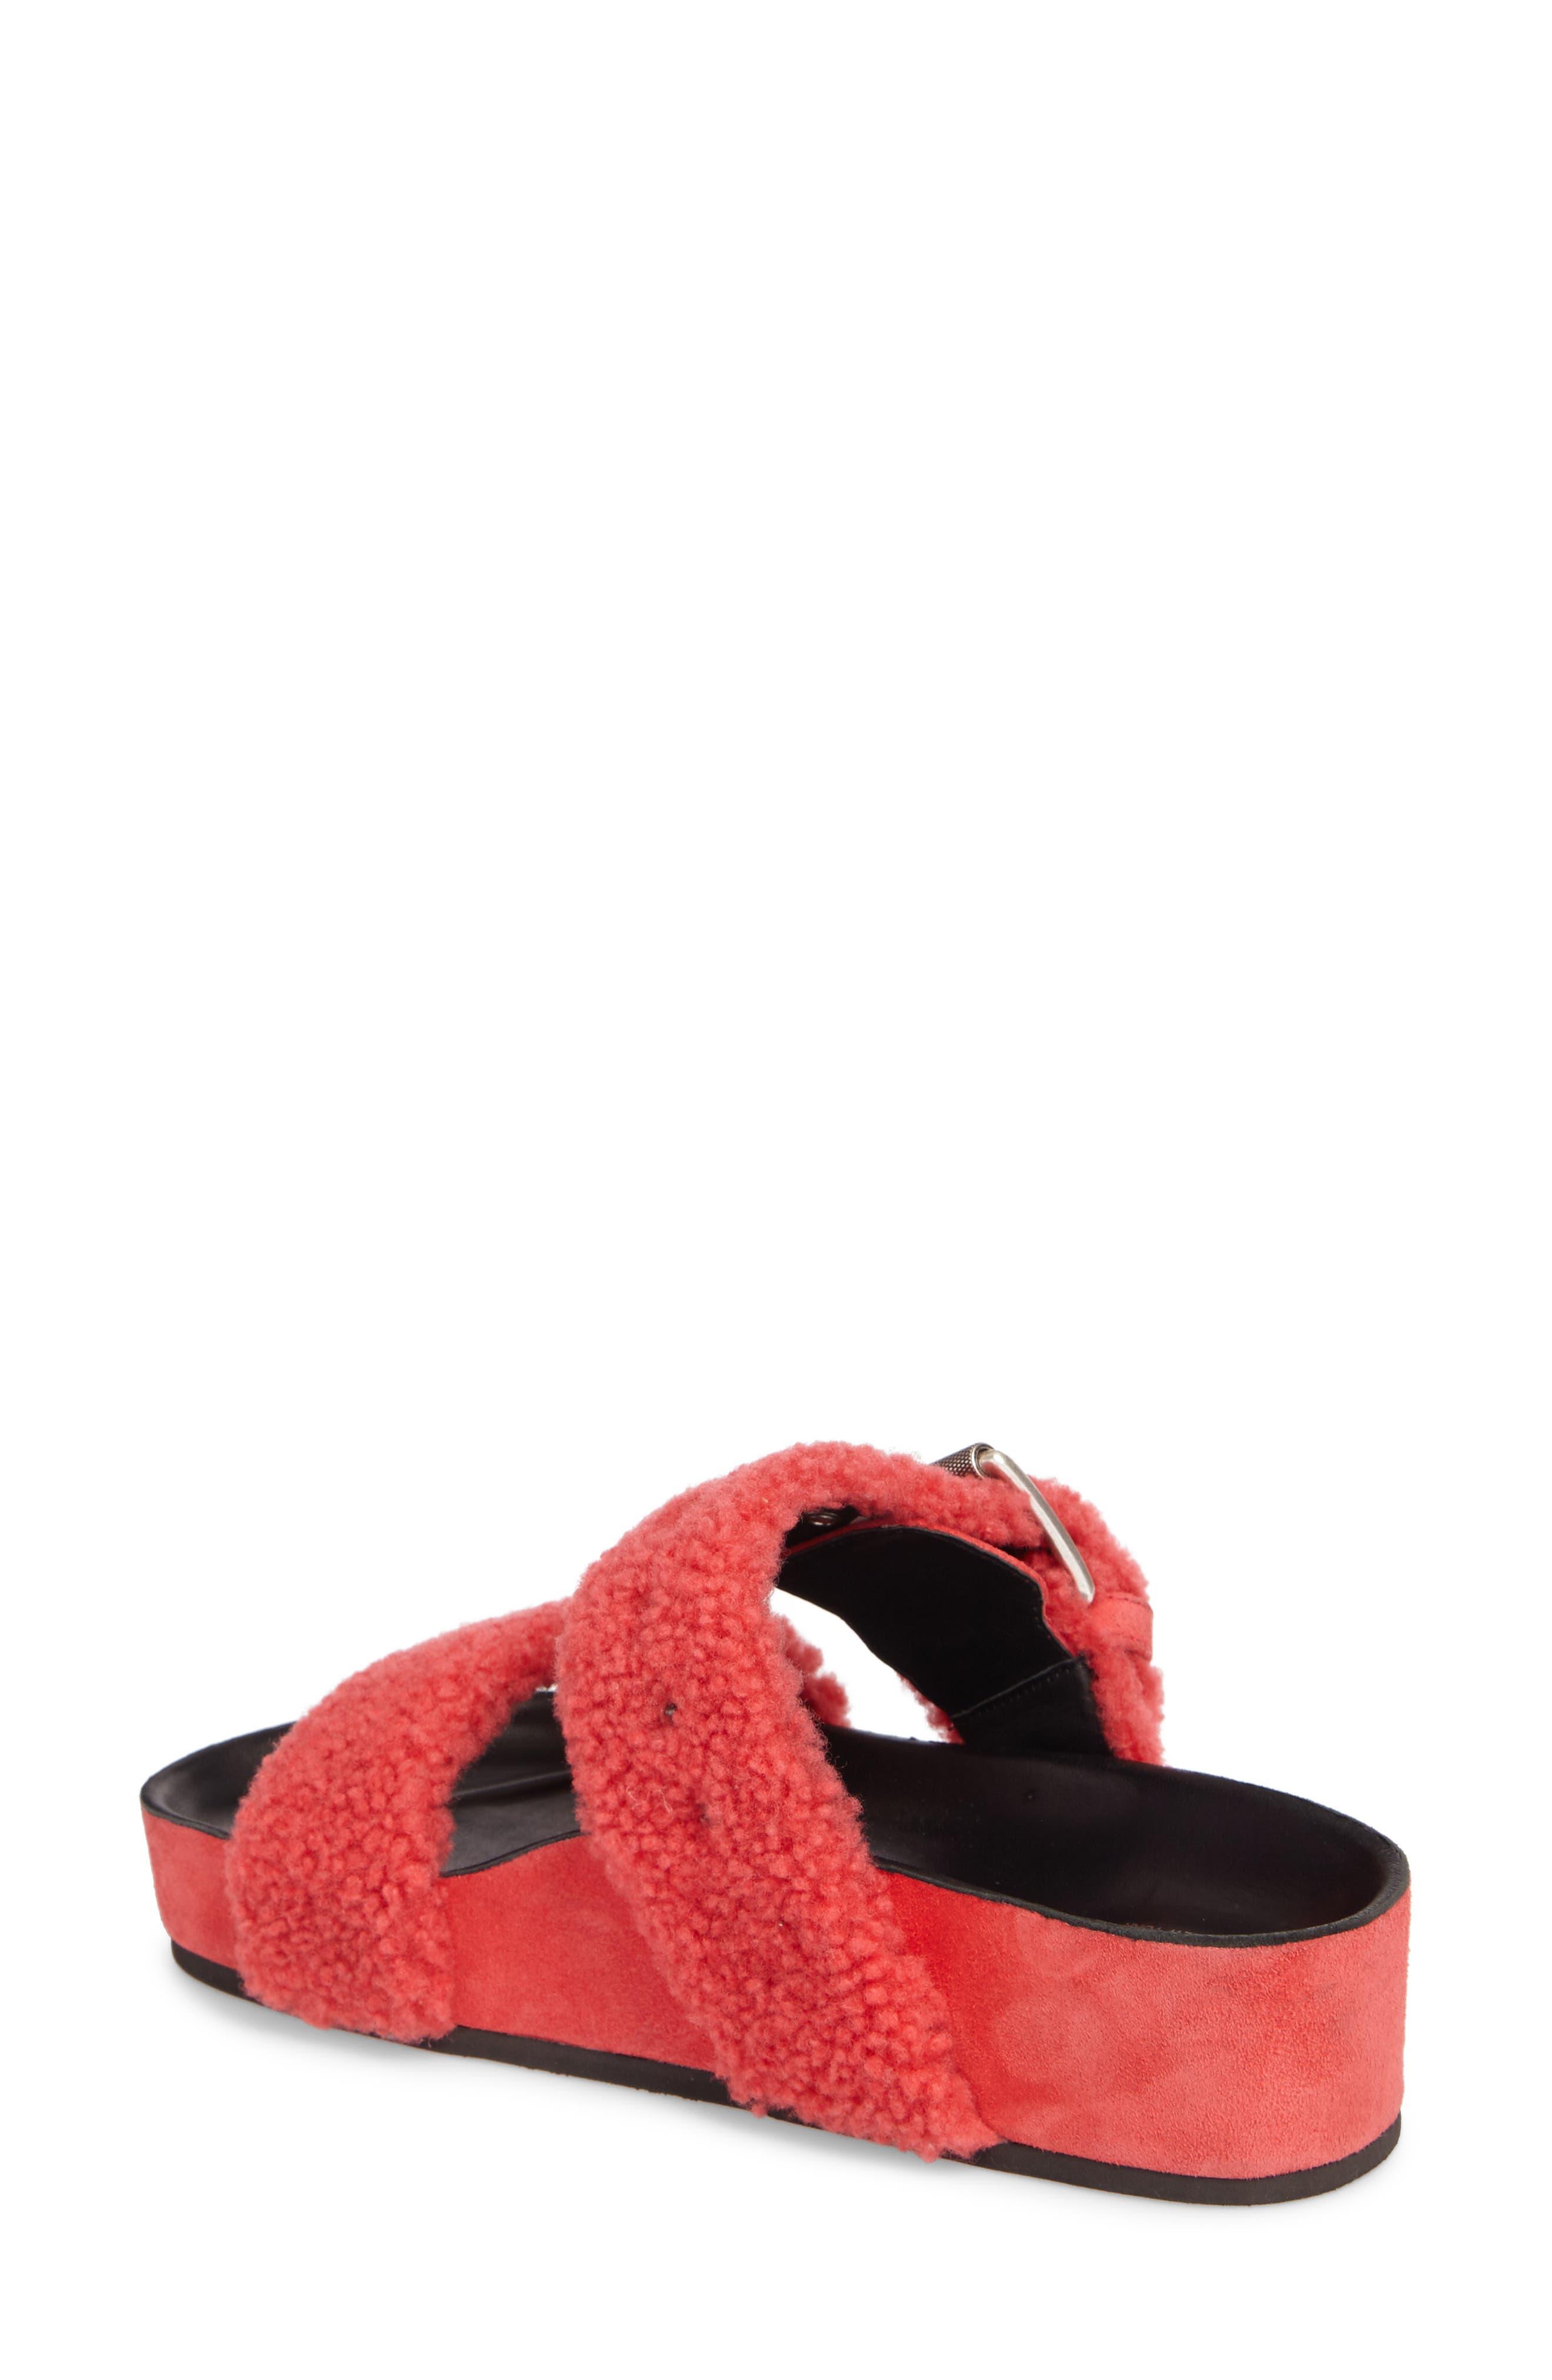 Evin Genuine Shearling Slide Sandal,                             Alternate thumbnail 2, color,                             Berry